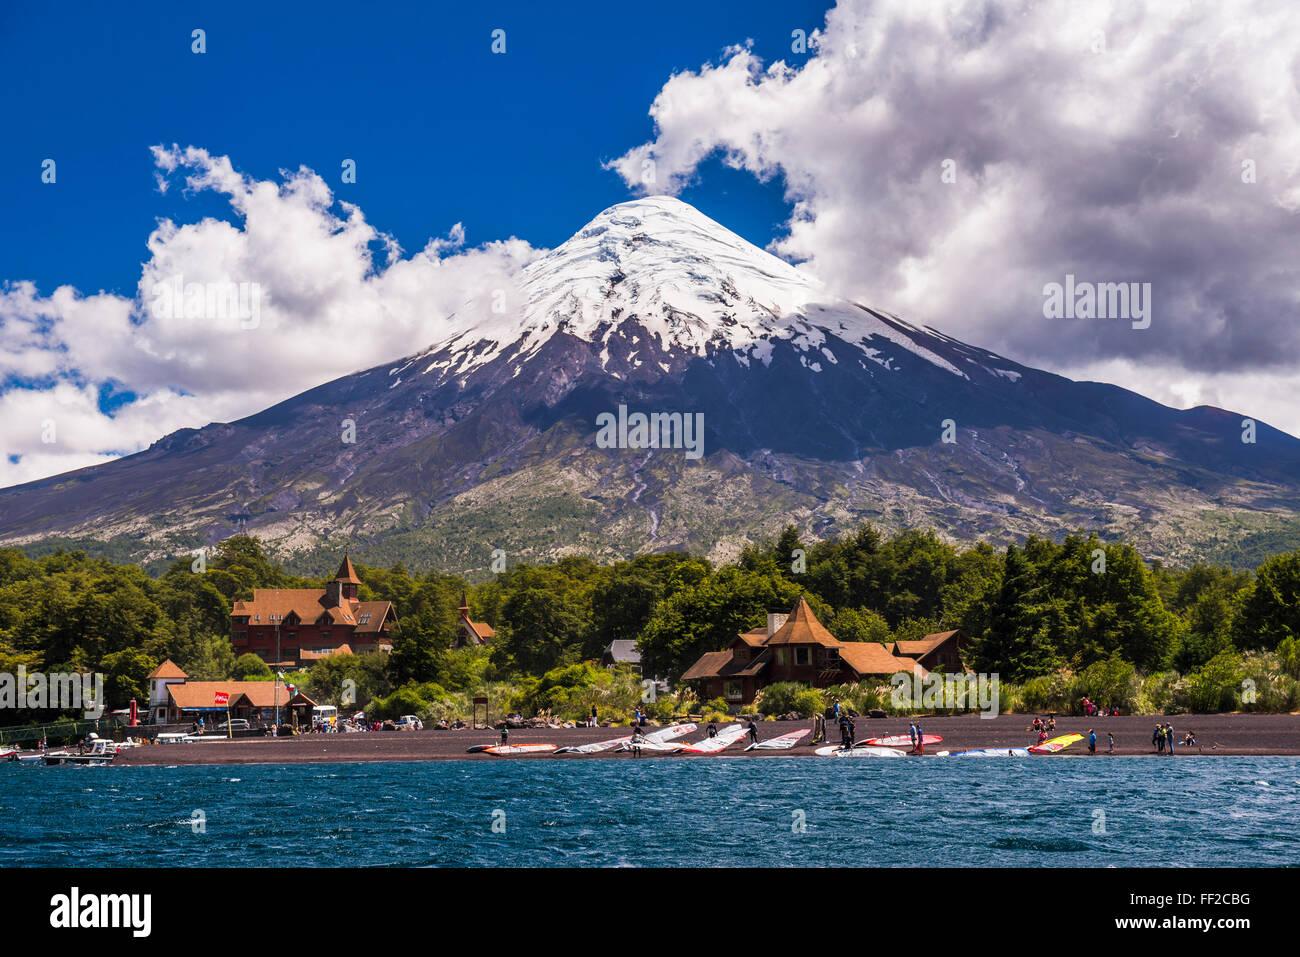 Osorno VoRMcano visto desde Todos Santos RMos RMake, Vicente Pérez RosaRMes NationaRM Park, el Distrito, ChiRMe Foto de stock